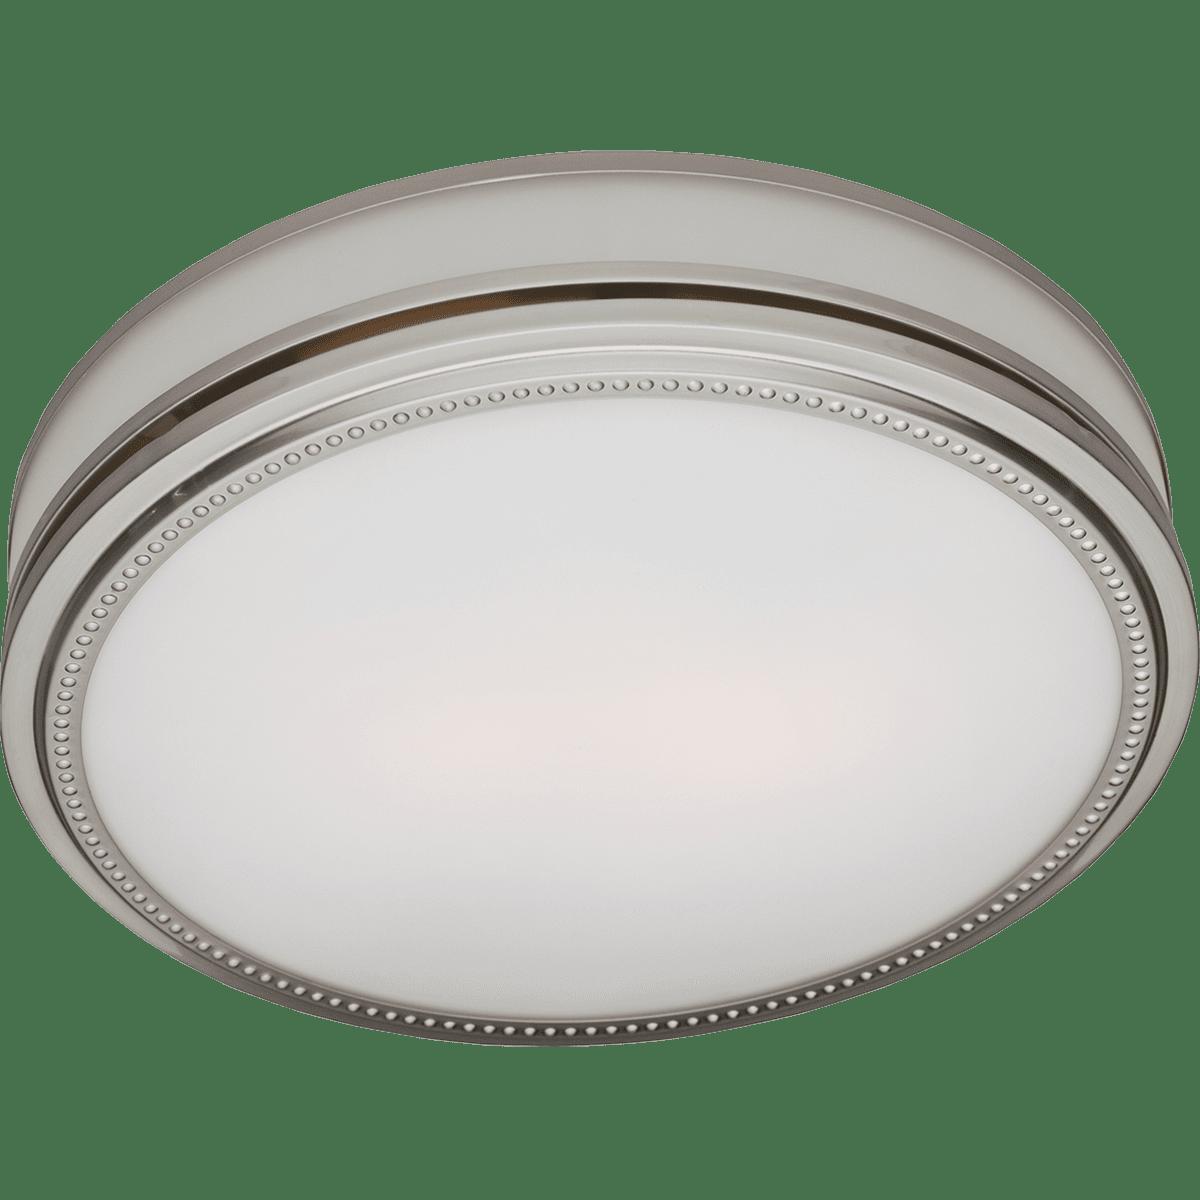 Hunter Riazzi Bathroom Fan 83001 Sylvane